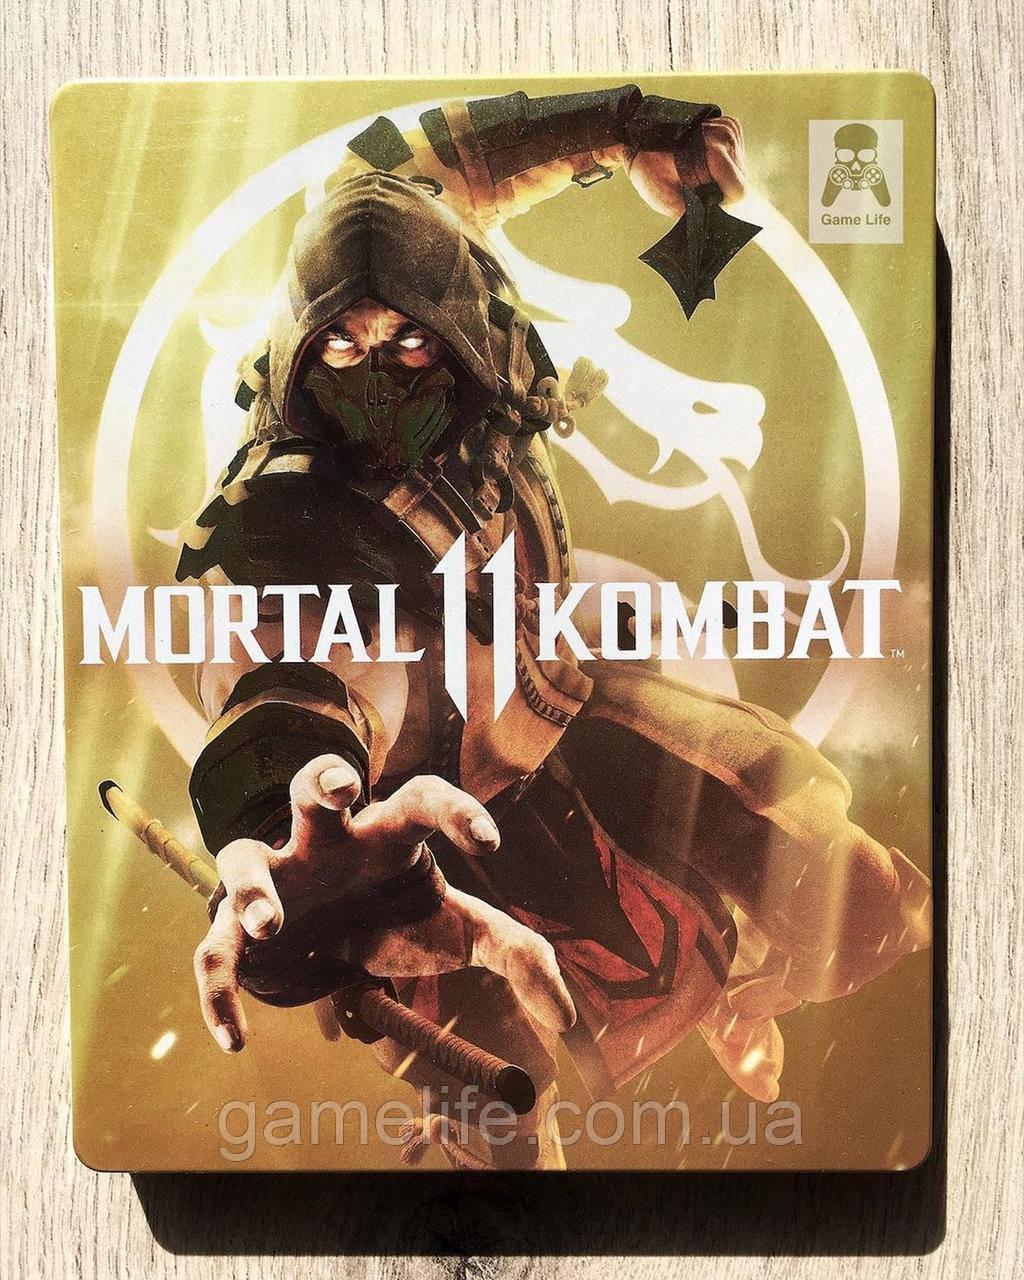 Mortal kombat 11 Steelbook (рус. суб) (б/у) PS4